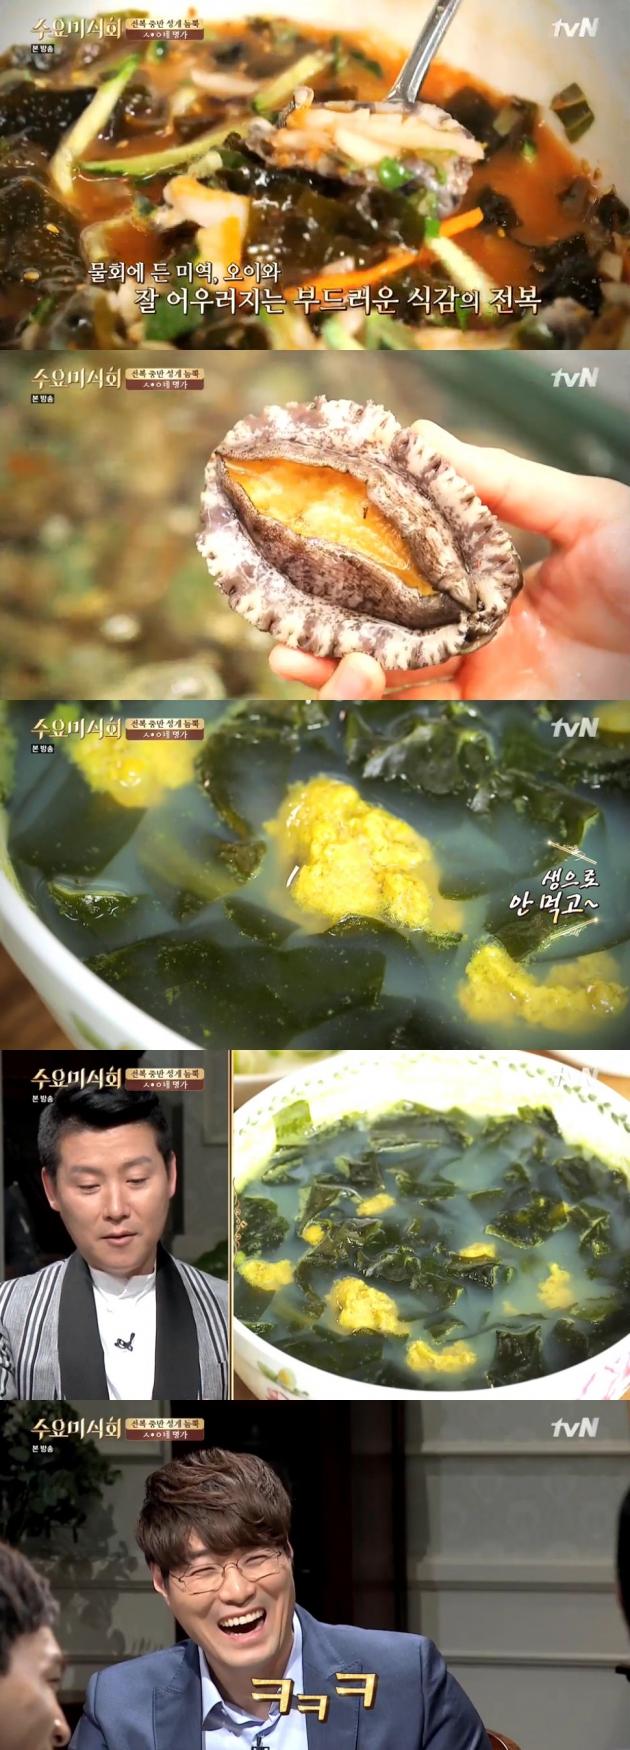 수요미식회 순옥이네 명가 / 수요미식회 순옥이네 명가 사진=tvN 방송 캡처